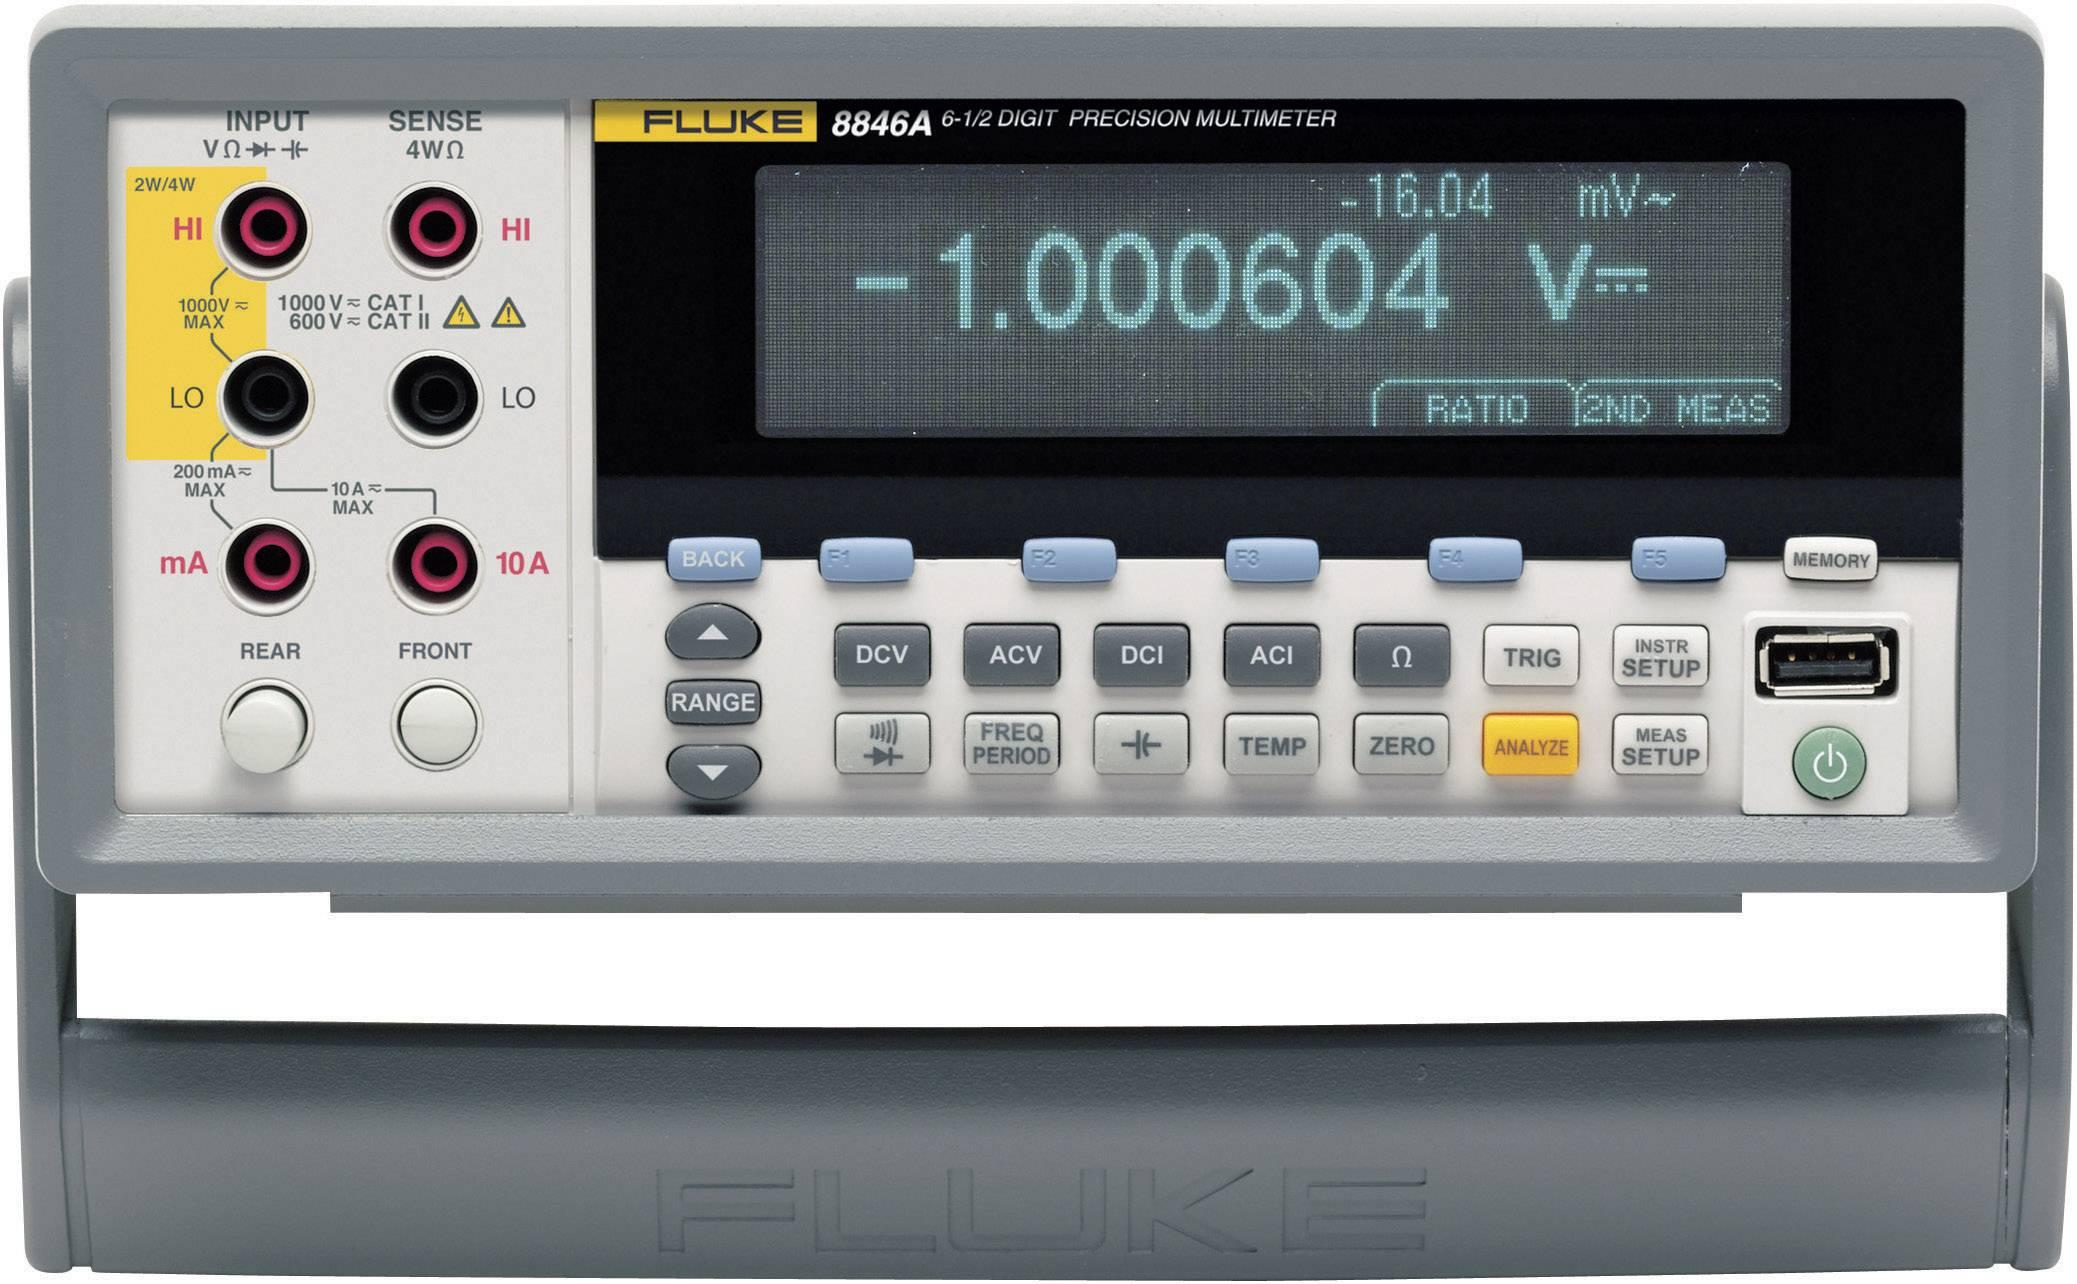 Sada stolního multimetru Fluke 8846A/SU, 100 µΩ - 1 GΩ, 1 µHz - 1 MHz, 1 nF - 0,1 F, -200 - 600 °C